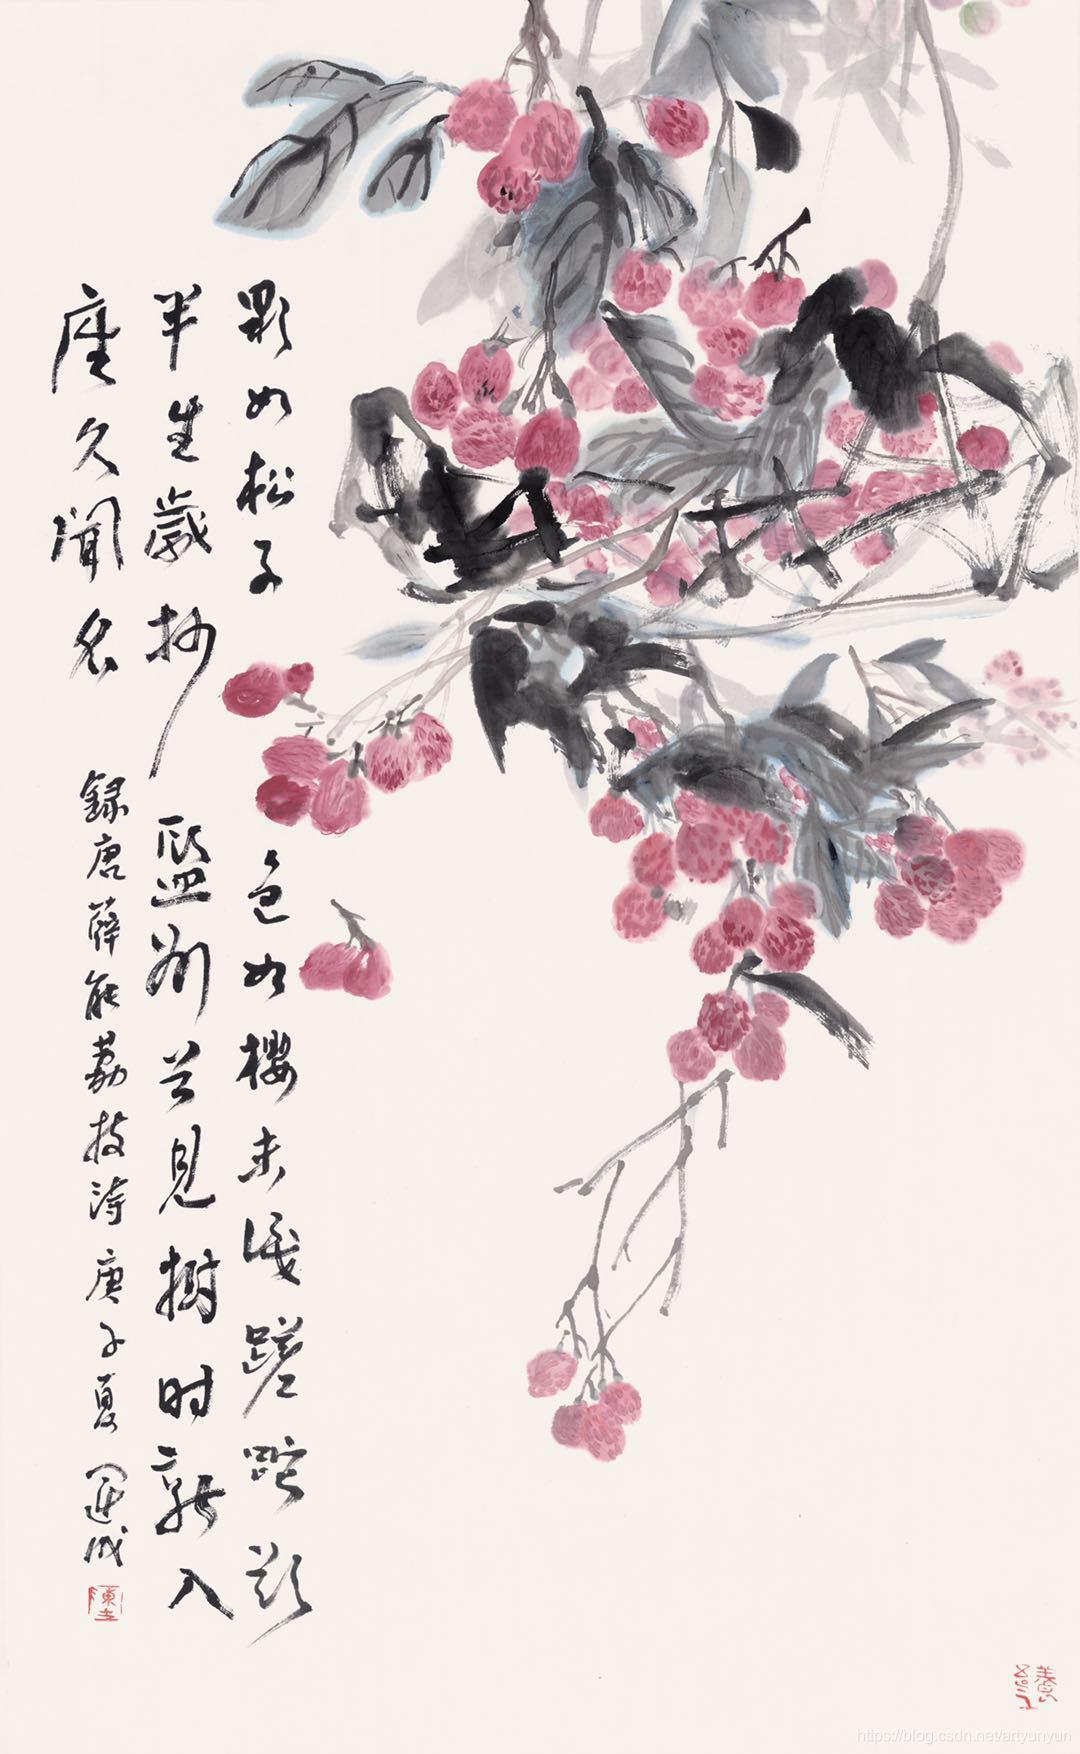 品荔枝赏文化,美丽乡村不一样的嘉年华artyunyun的博客-